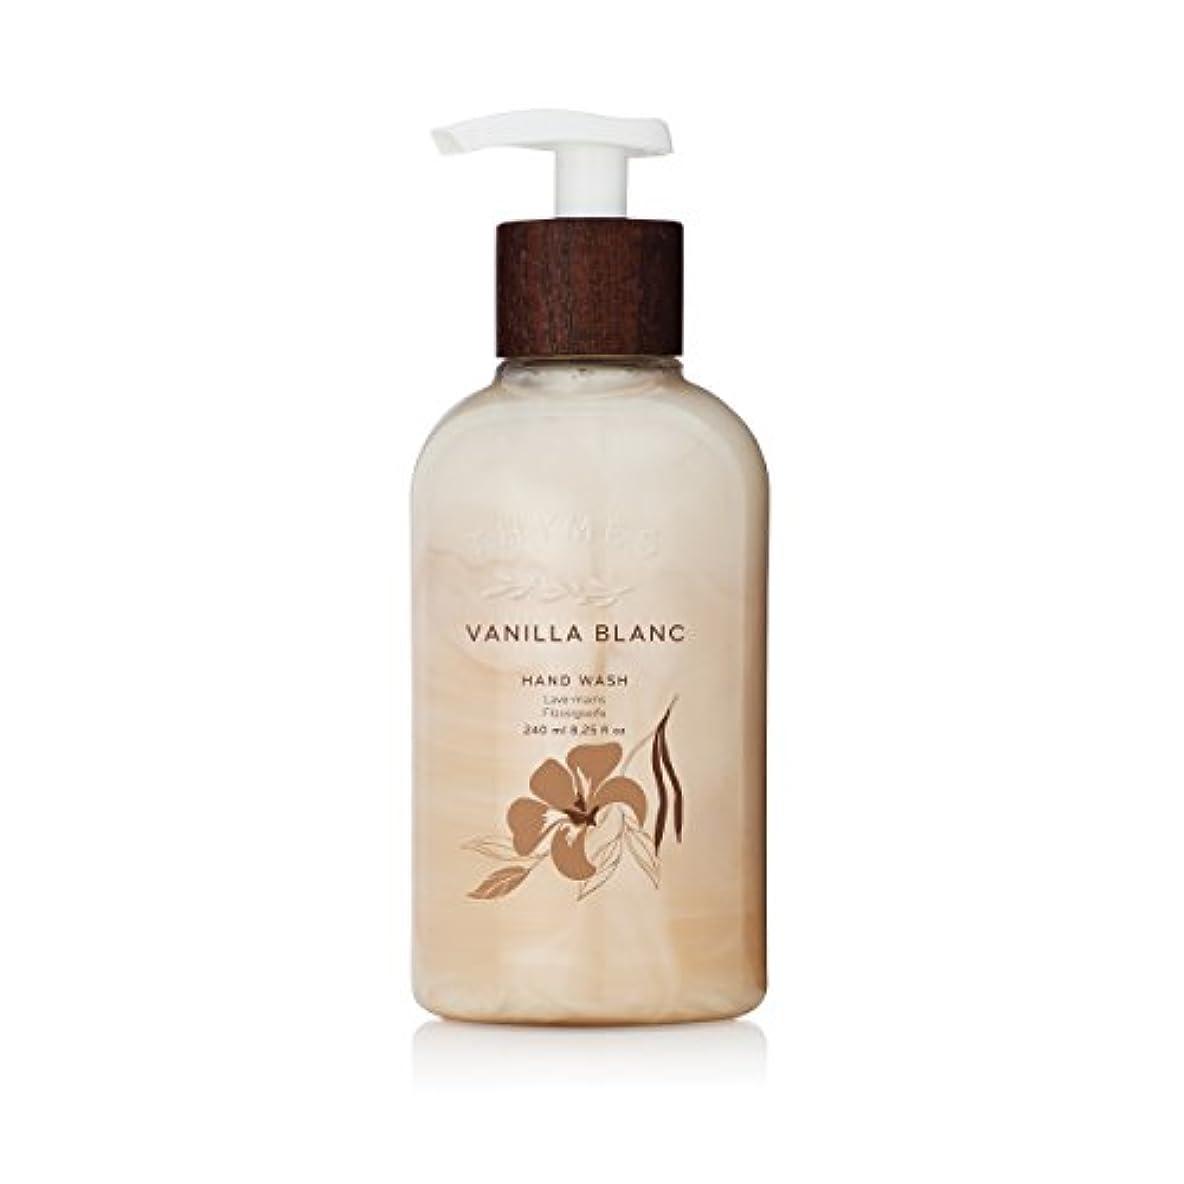 ご覧ください貧しい酒タイムズ Vanilla Blanc Hand Wash 240ml/8.25oz並行輸入品